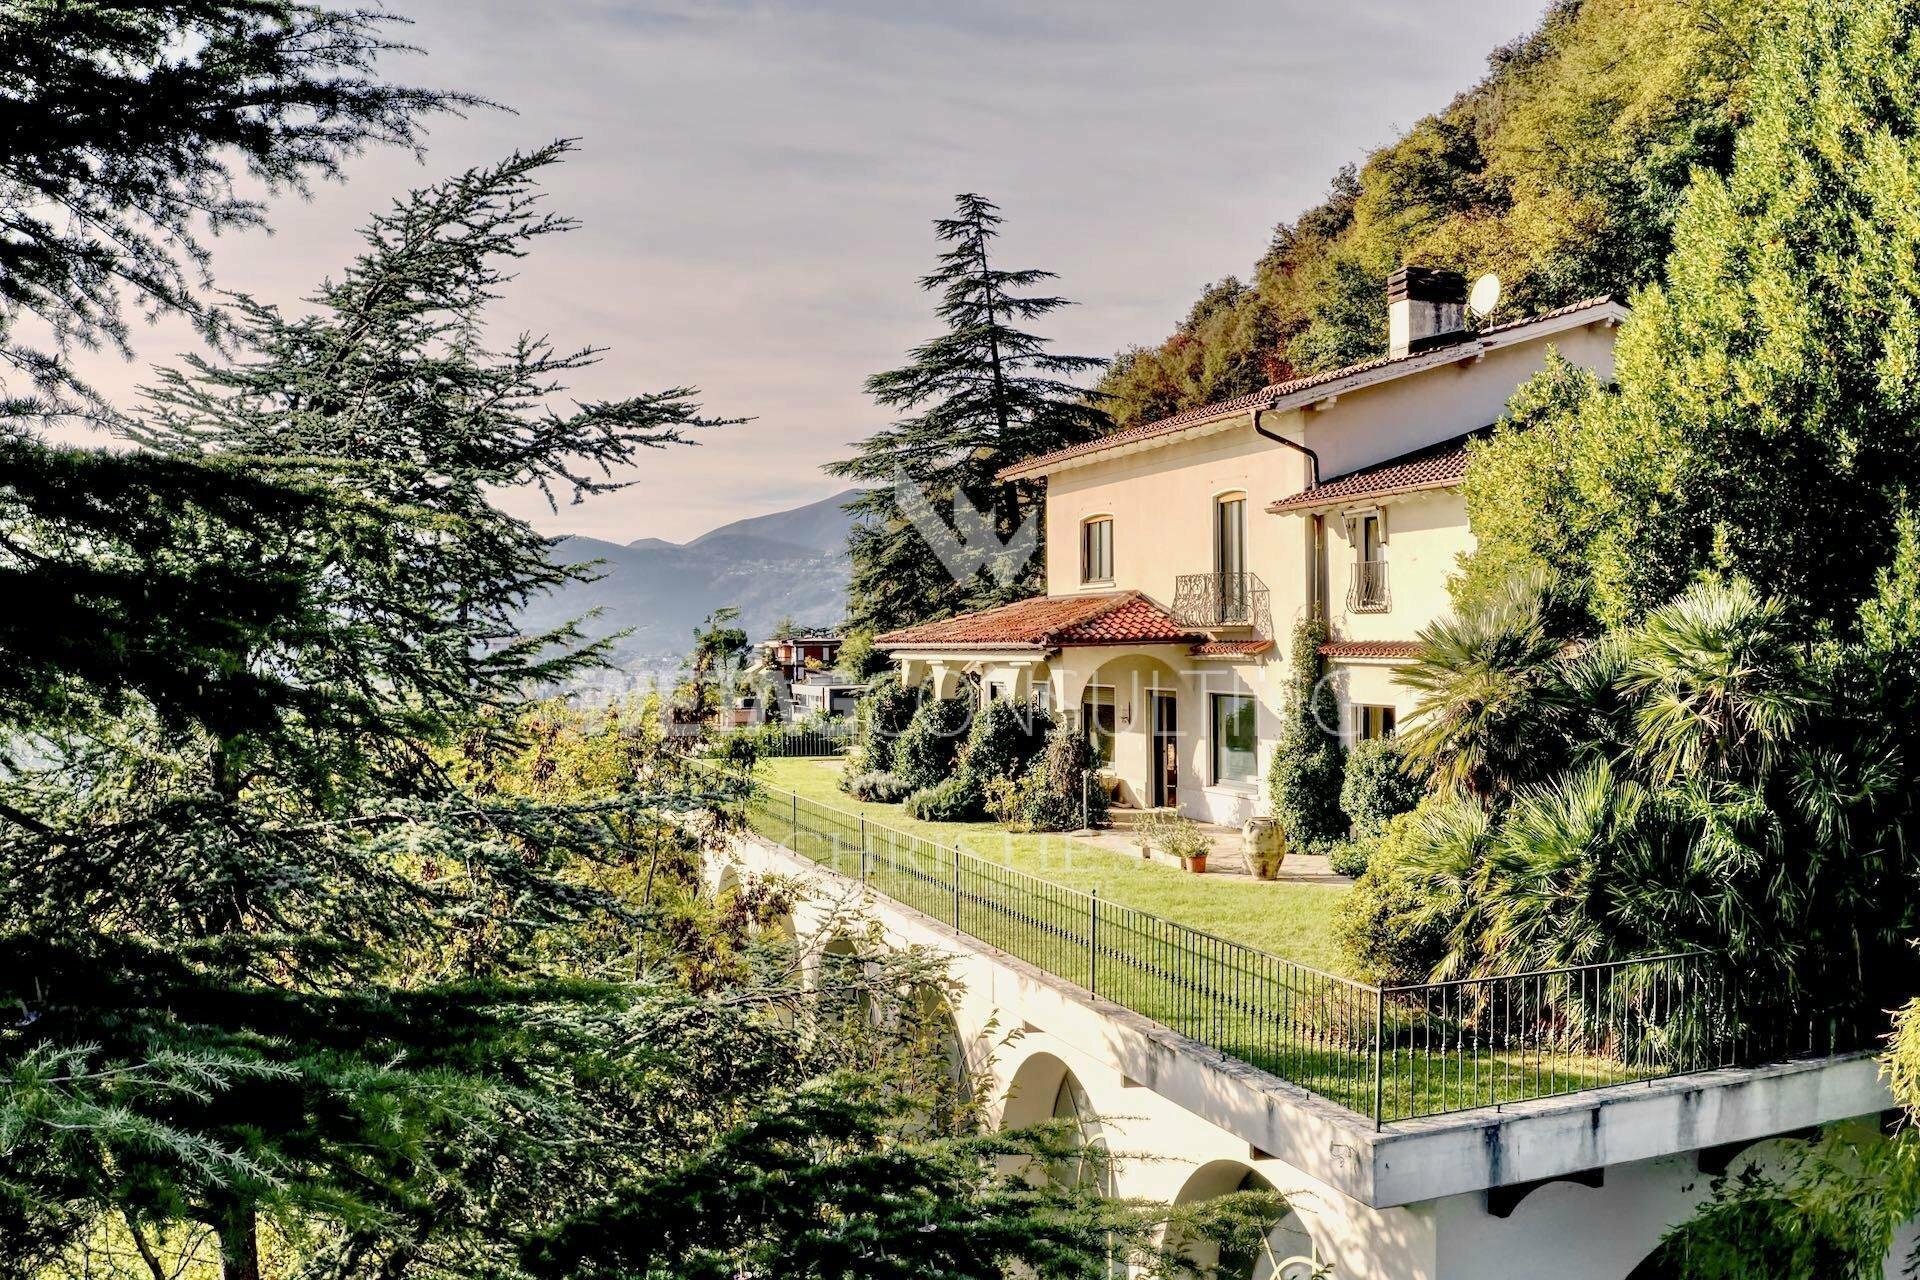 Villa in Lugano, Ticino, Switzerland 1 - 11577757